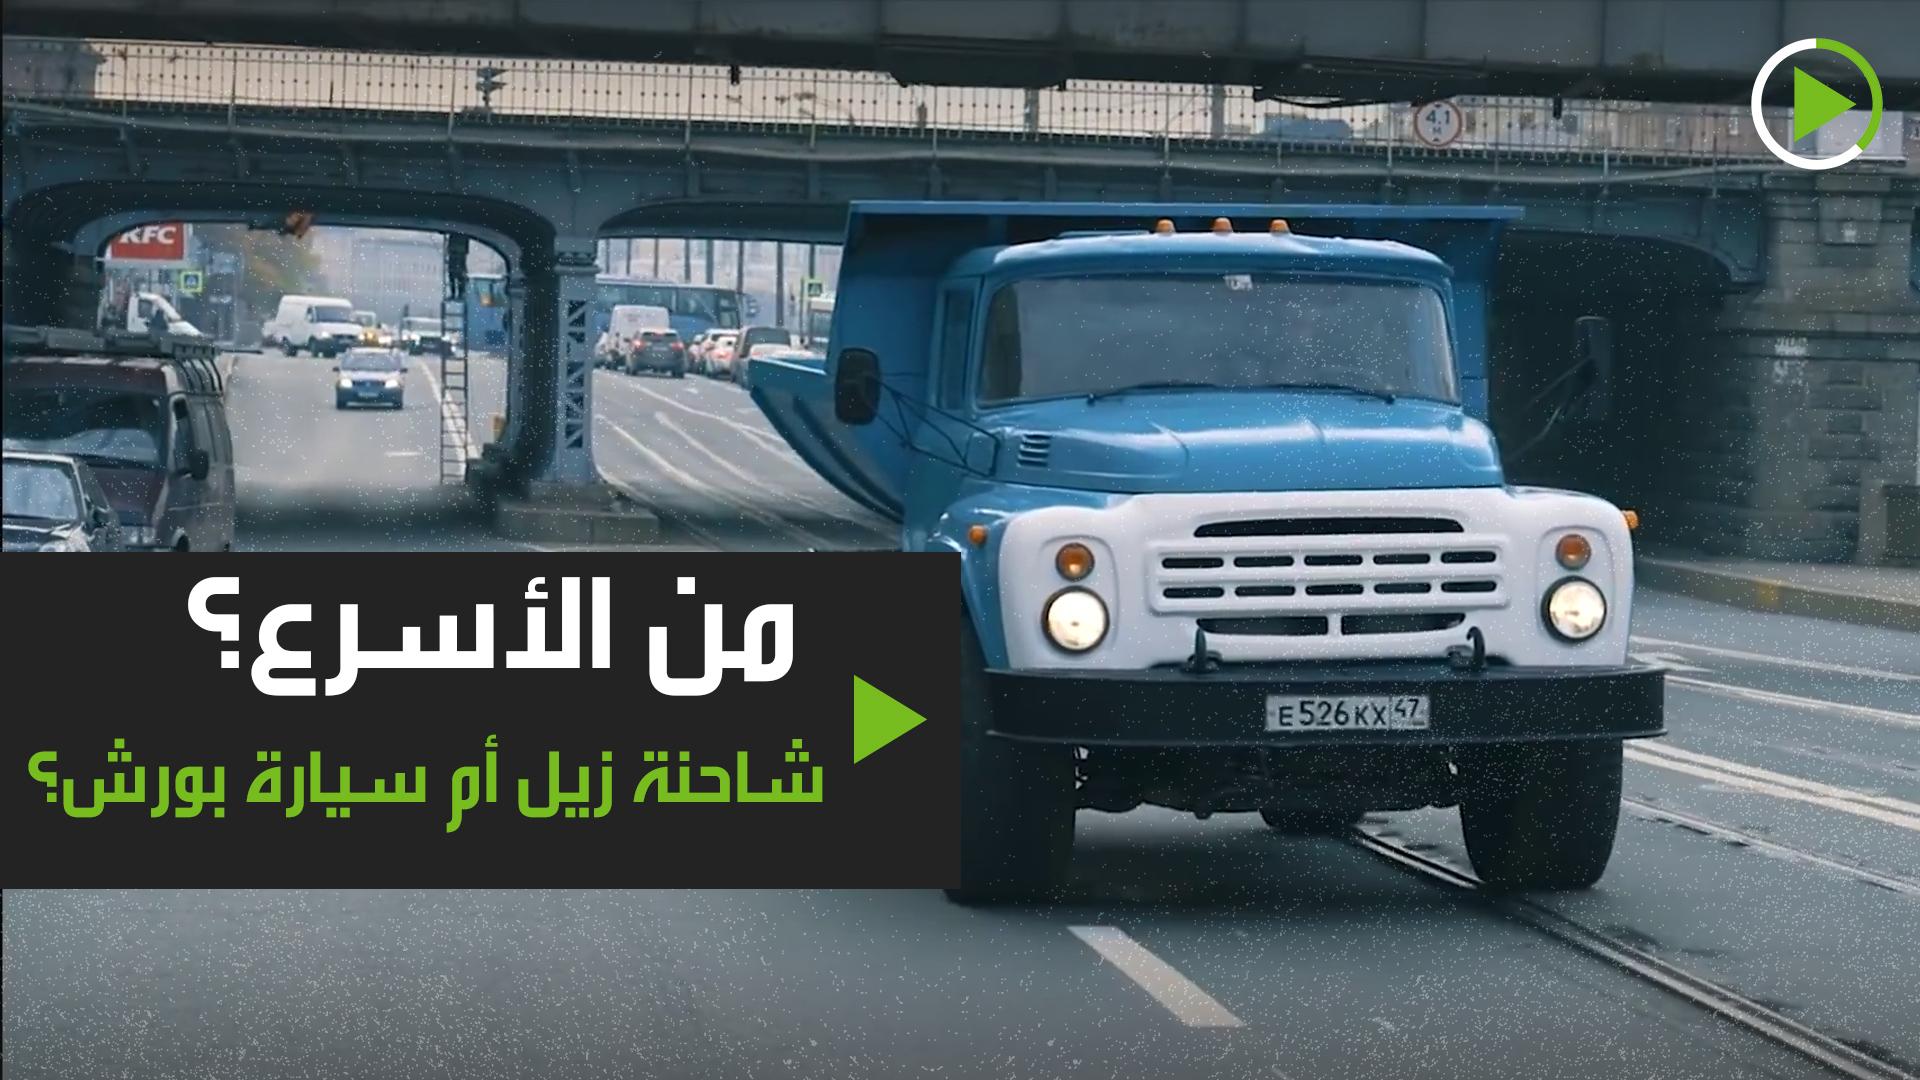 من الأسرع؟ شاحنة زيل أم سيارة بورش؟